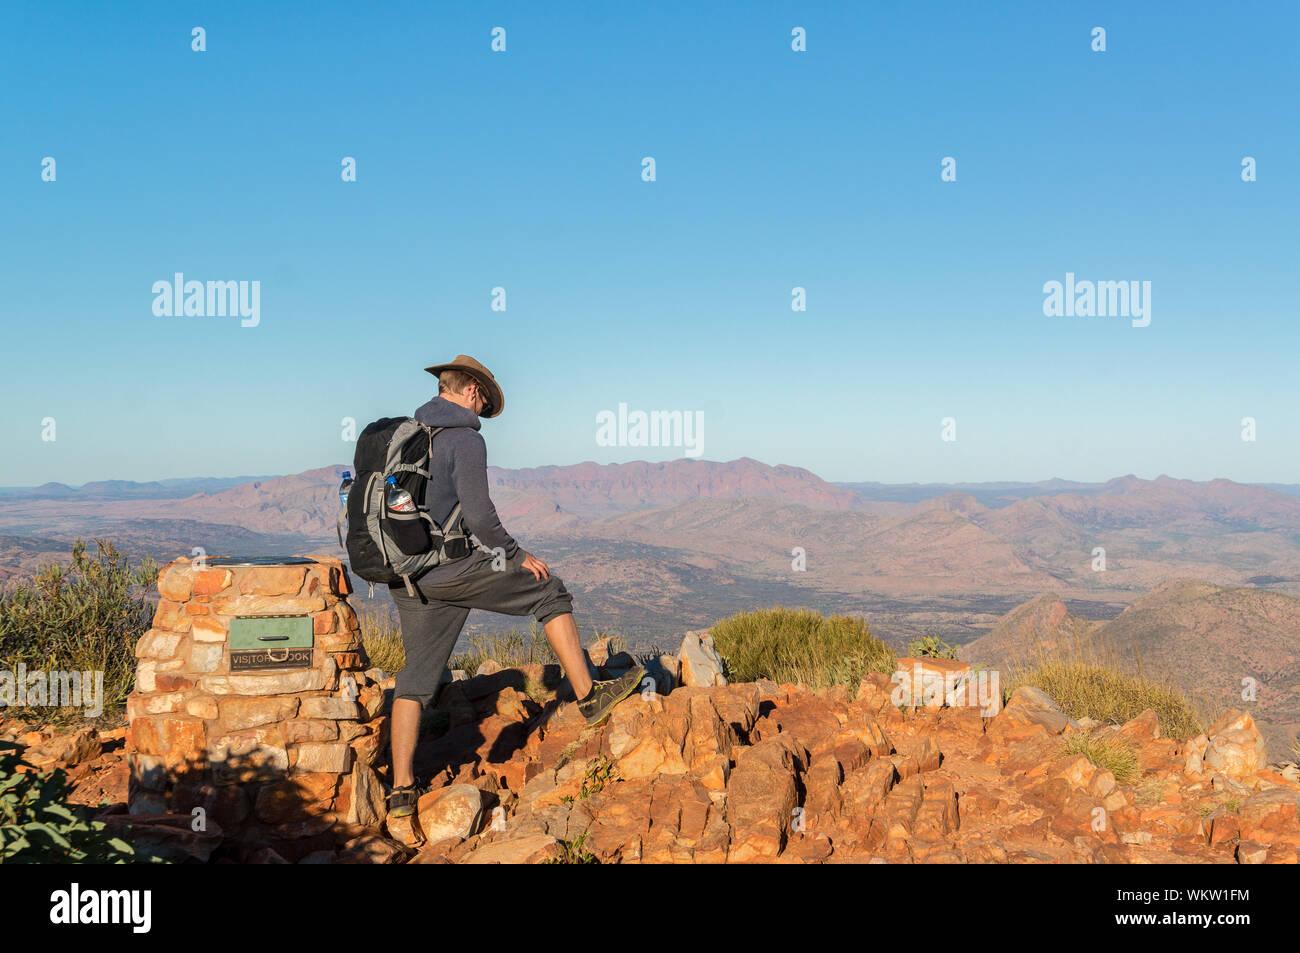 El hombre disfruta de la vista después de una caminata hasta la cima del monte Sonder justo en las afueras de Alice Springs, West MacDonnel National Park, Australia Foto de stock